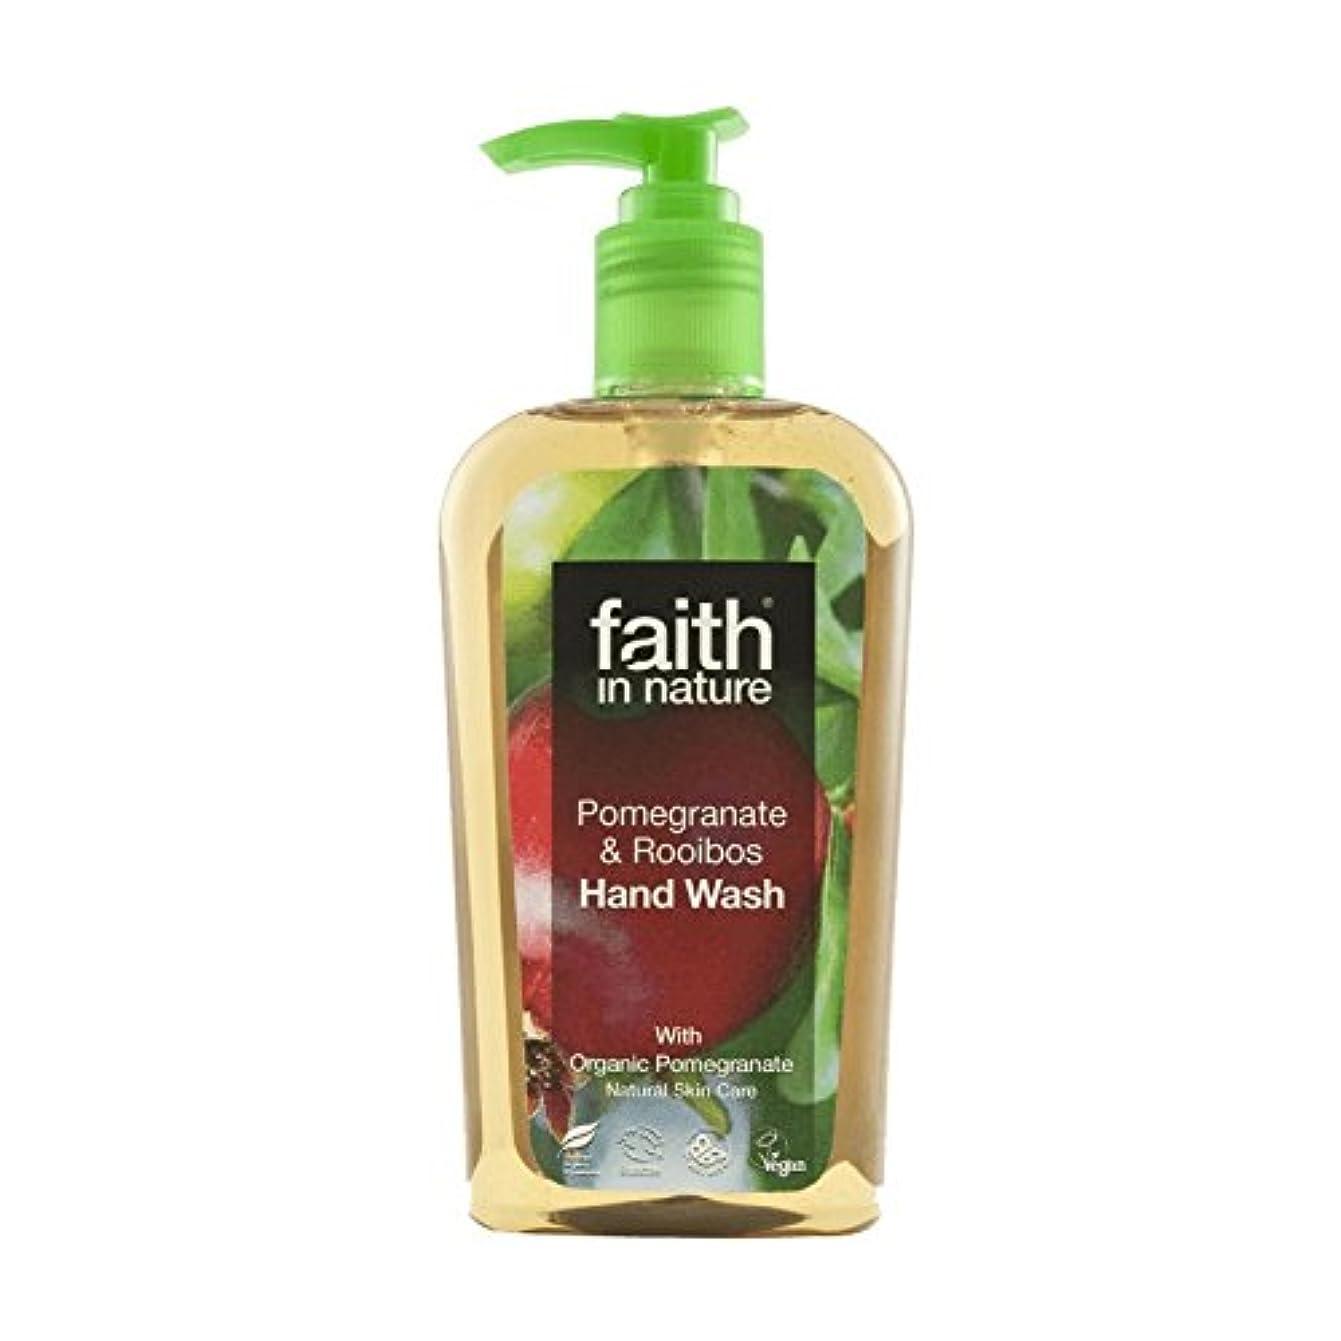 一杯更新するメキシコFaith In Nature Pomegranate & Rooibos Handwash 300ml (Pack of 2) - 自然ザクロ&ルイボス手洗いの300ミリリットルの信仰 (x2) [並行輸入品]